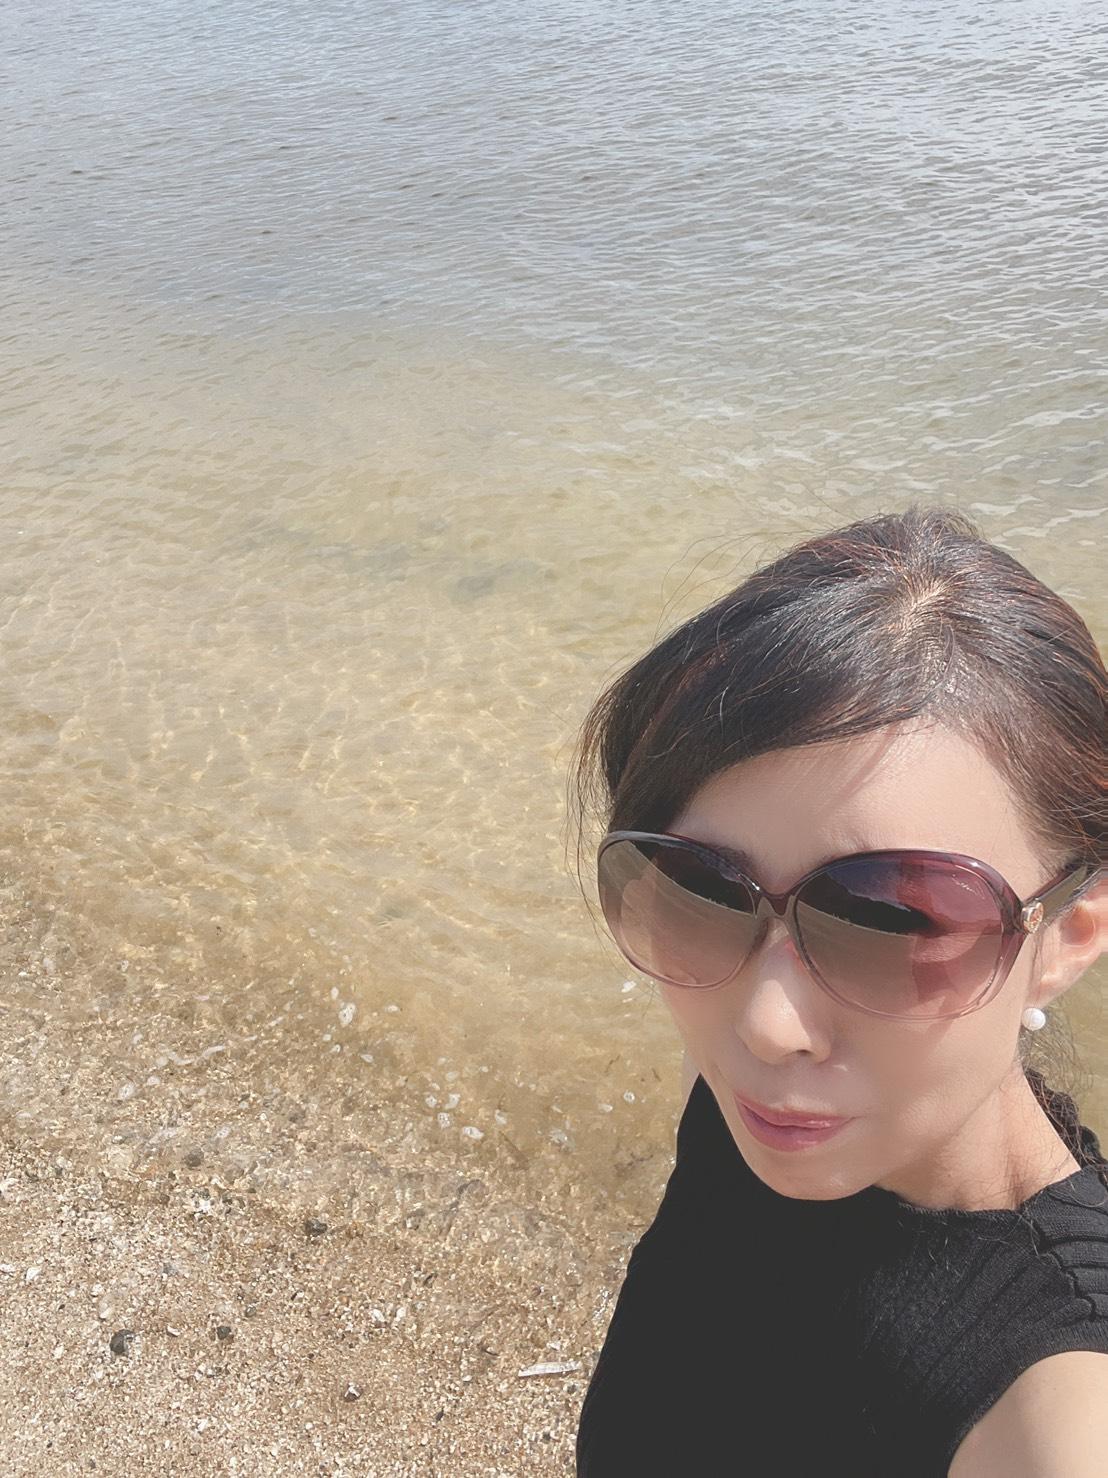 海からの恩恵に感謝   クリスタルビューティー 広島 天然100%ヘナ 美と健康のエステ